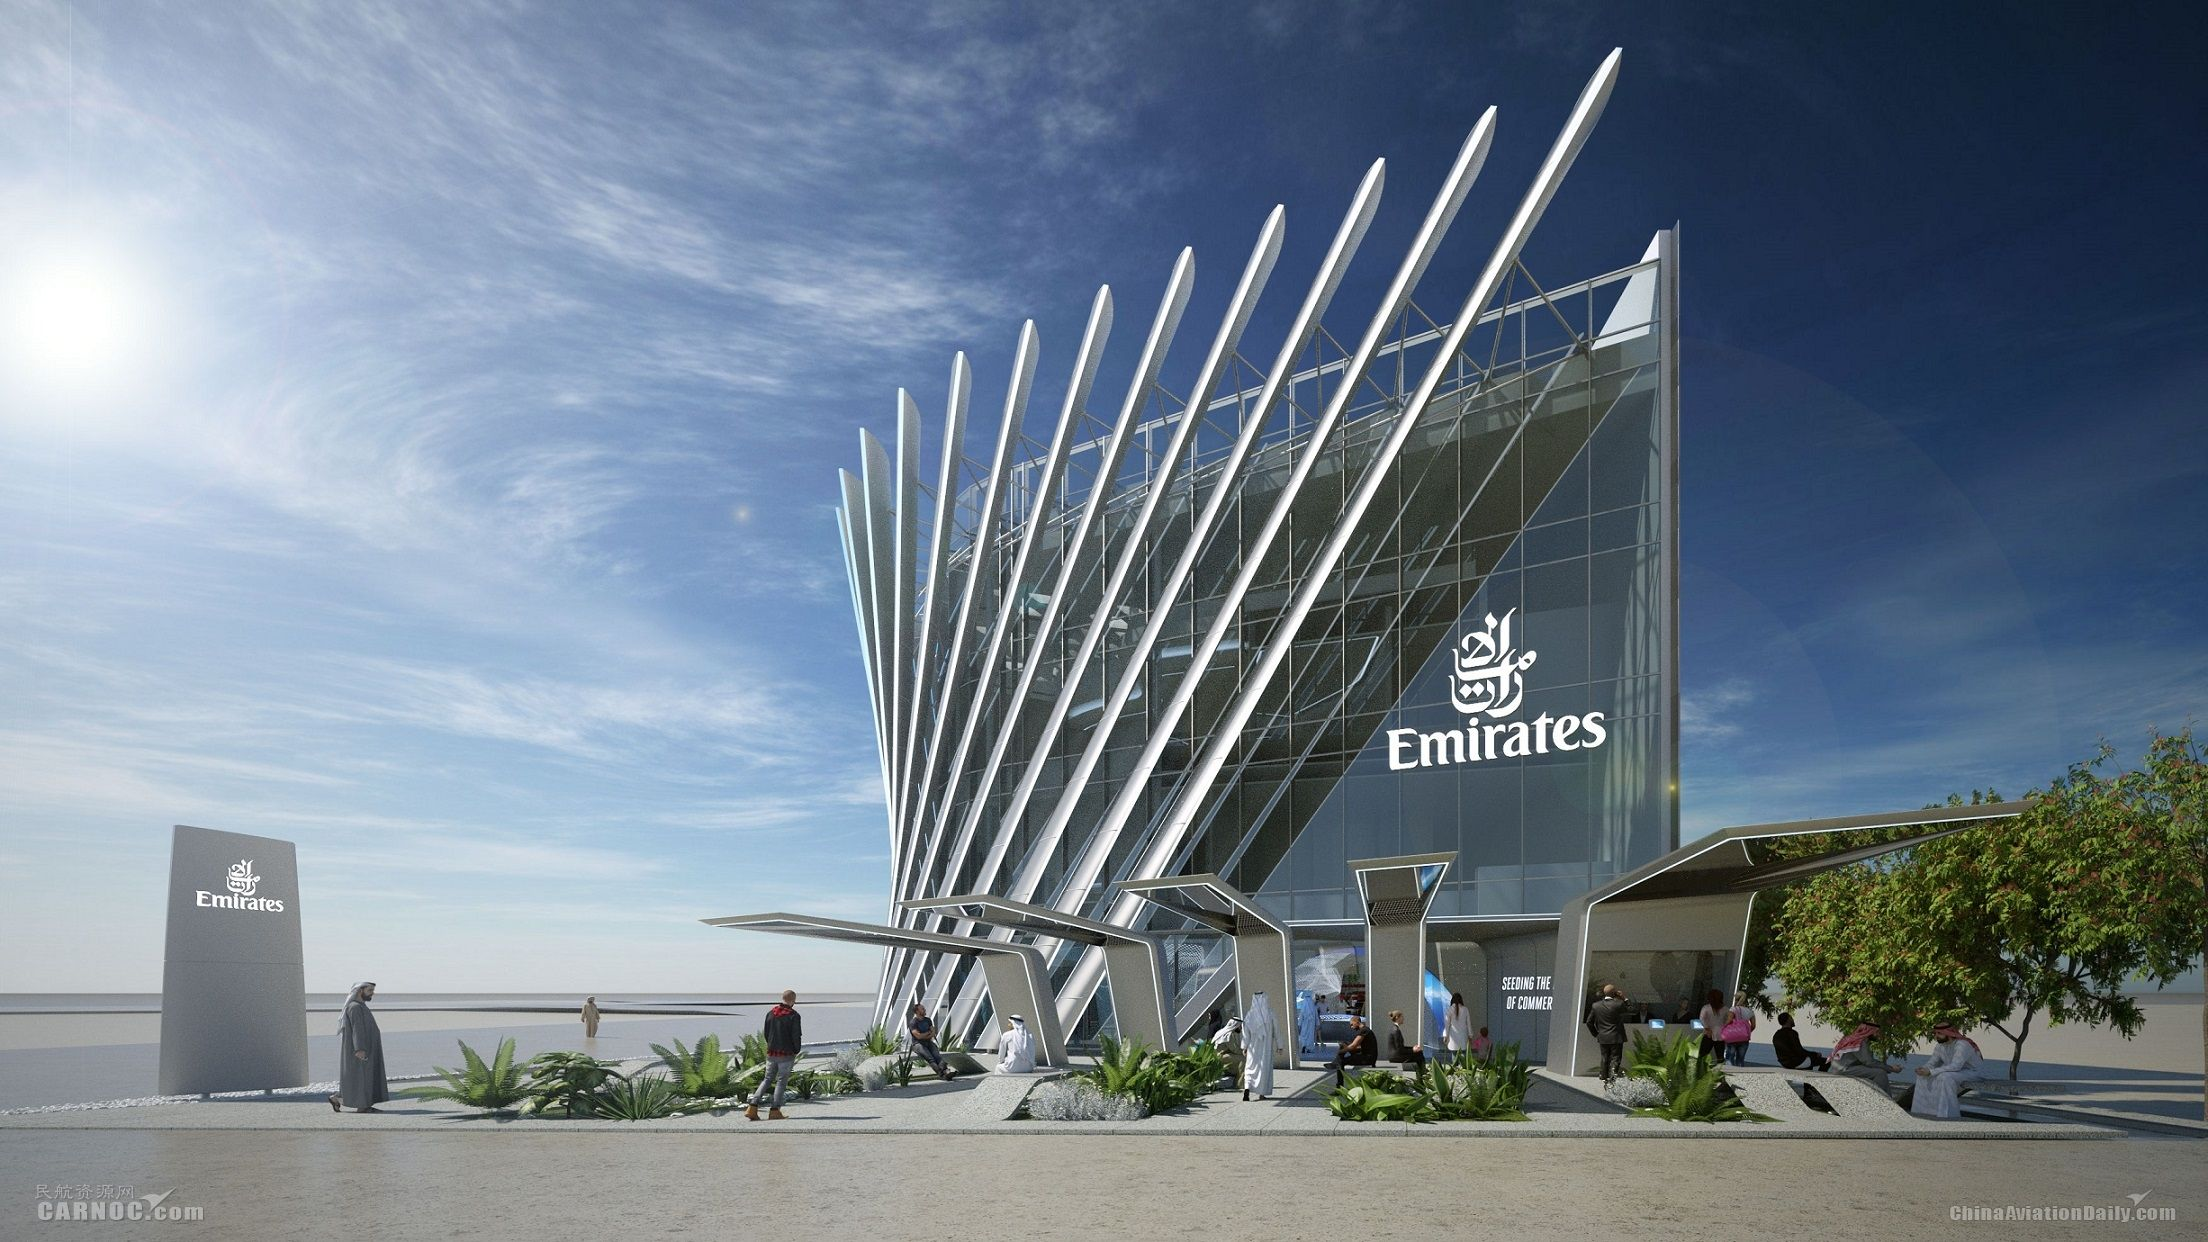 阿联酋航空迪拜世博会主题馆揭幕 聚焦航空运输业未来